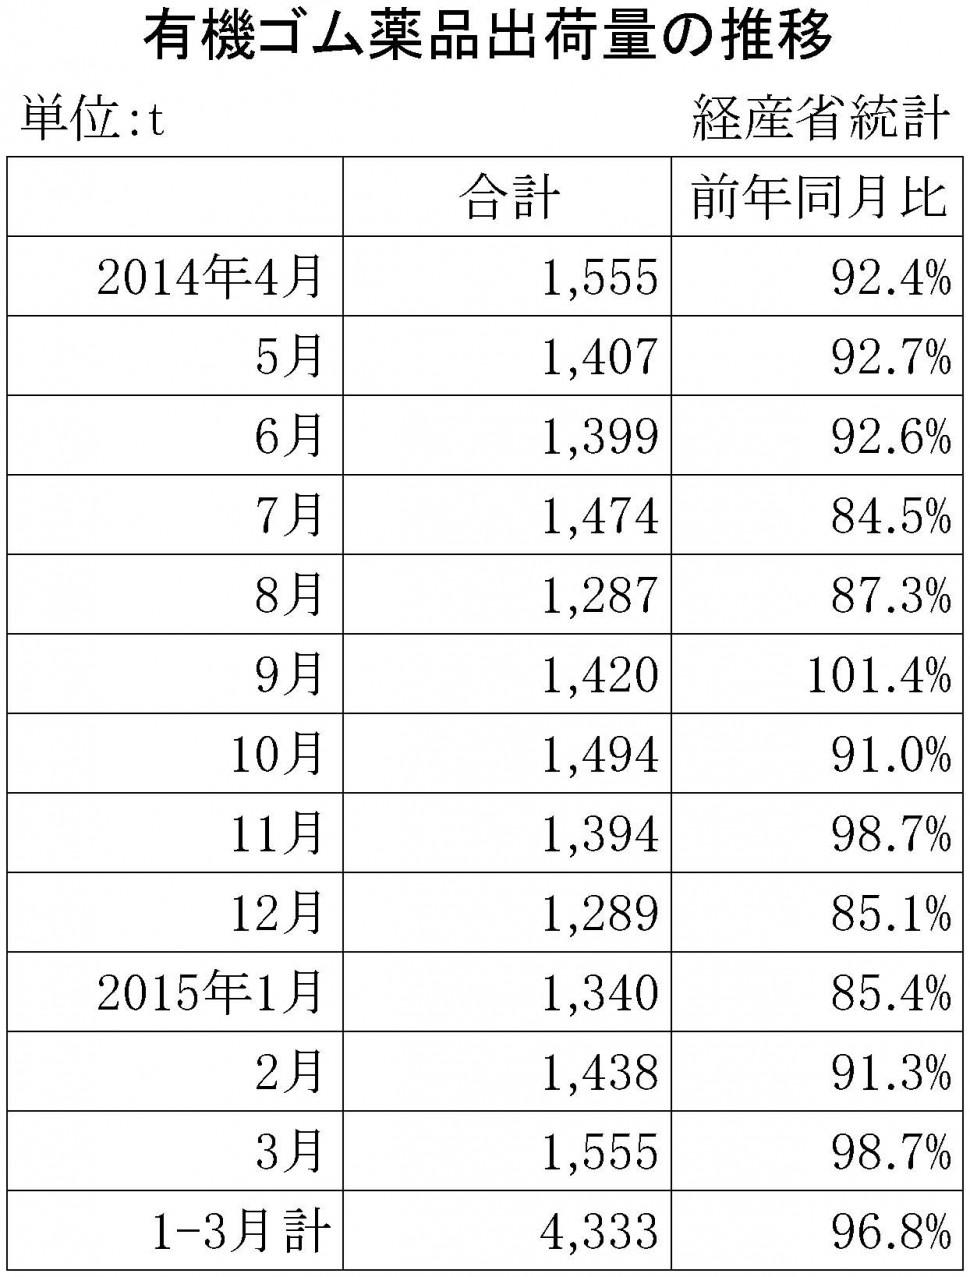 2015年3月のゴム薬品推移